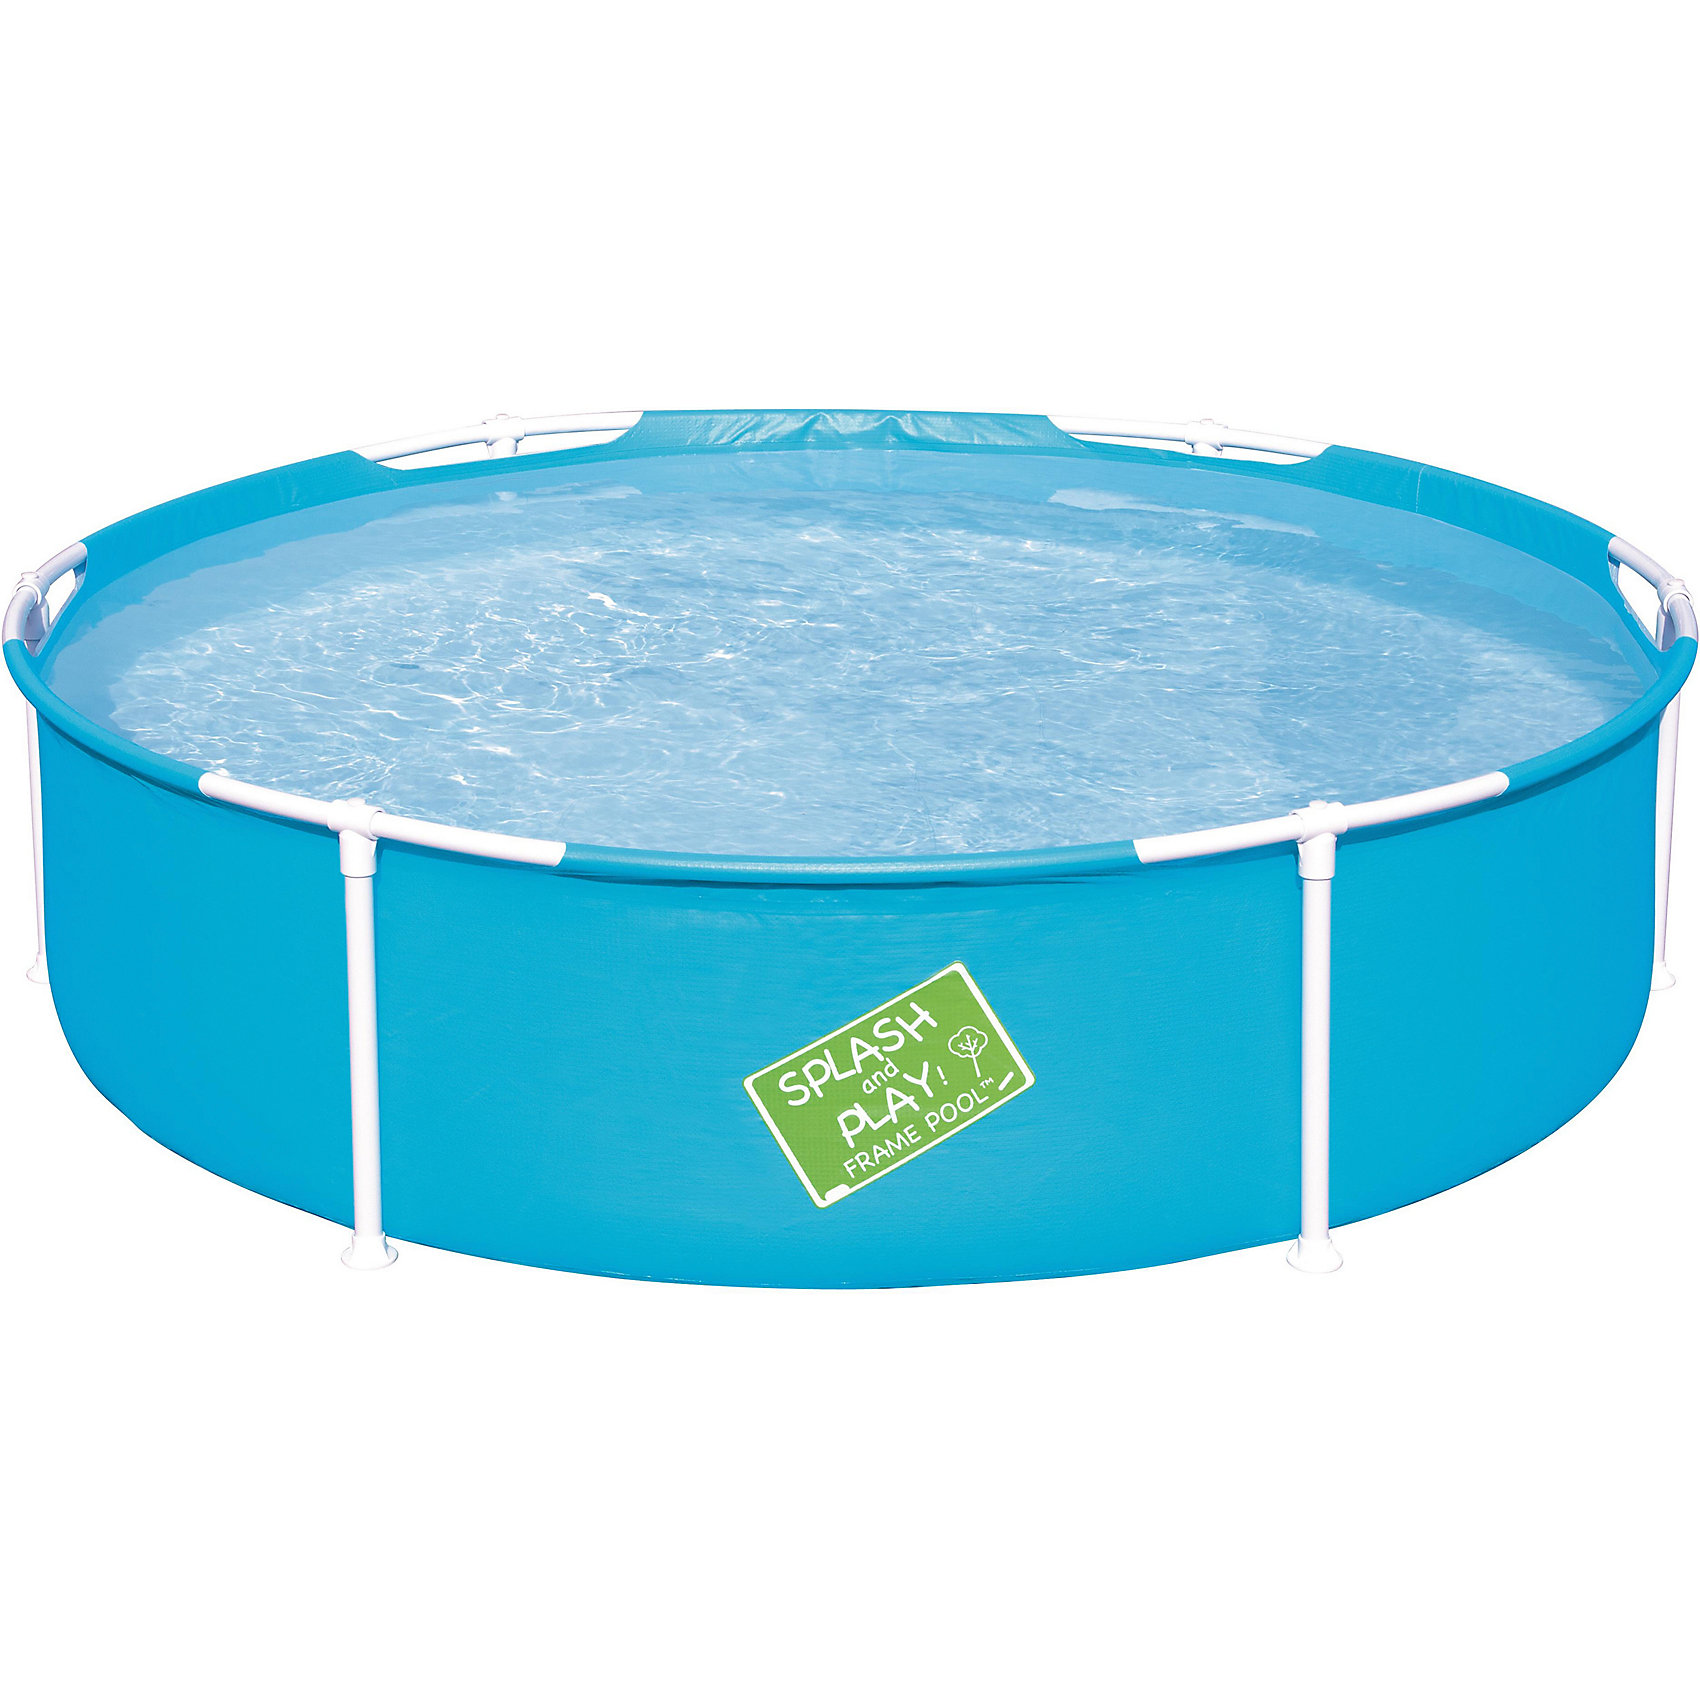 Детский каркасный бассейн 580л, BestwayБассейны<br>Детский каркасный бассейн, Bestway, станет замечательным развлечением для Вашего ребенка в жаркие летние дни. Бассейн быстро и легко устанавливается, не требуя много времени и сил. Время наполнения воды в бассейн составляет не более 20 минут. Прочный каркас, способный выдерживать максимальные нагрузки, выполнен из нержавеющей стали, а бортики - из прочного материала, состоящего из трех слоев армированного ПВХ. Благодаря компактным размерам бассейн прекрасно впишется в размеры дачного участка и подойдет для отдыха на природе.<br><br>Дополнительная информация:<br><br>- Материал: трехслойный ПВХ, металл.<br>- Объем: 580 л.<br>- Размер: 152 х 38 см.<br>- Размер упаковки: 81 х 19,5 х 11,5 см.<br>- Вес: 5 кг. <br><br>Детский каркасный бассейн, Bestway, можно купить в нашем интернет-магазине.<br><br>Ширина мм: 810<br>Глубина мм: 195<br>Высота мм: 115<br>Вес г: 4900<br>Возраст от месяцев: 48<br>Возраст до месяцев: 96<br>Пол: Унисекс<br>Возраст: Детский<br>SKU: 4292354